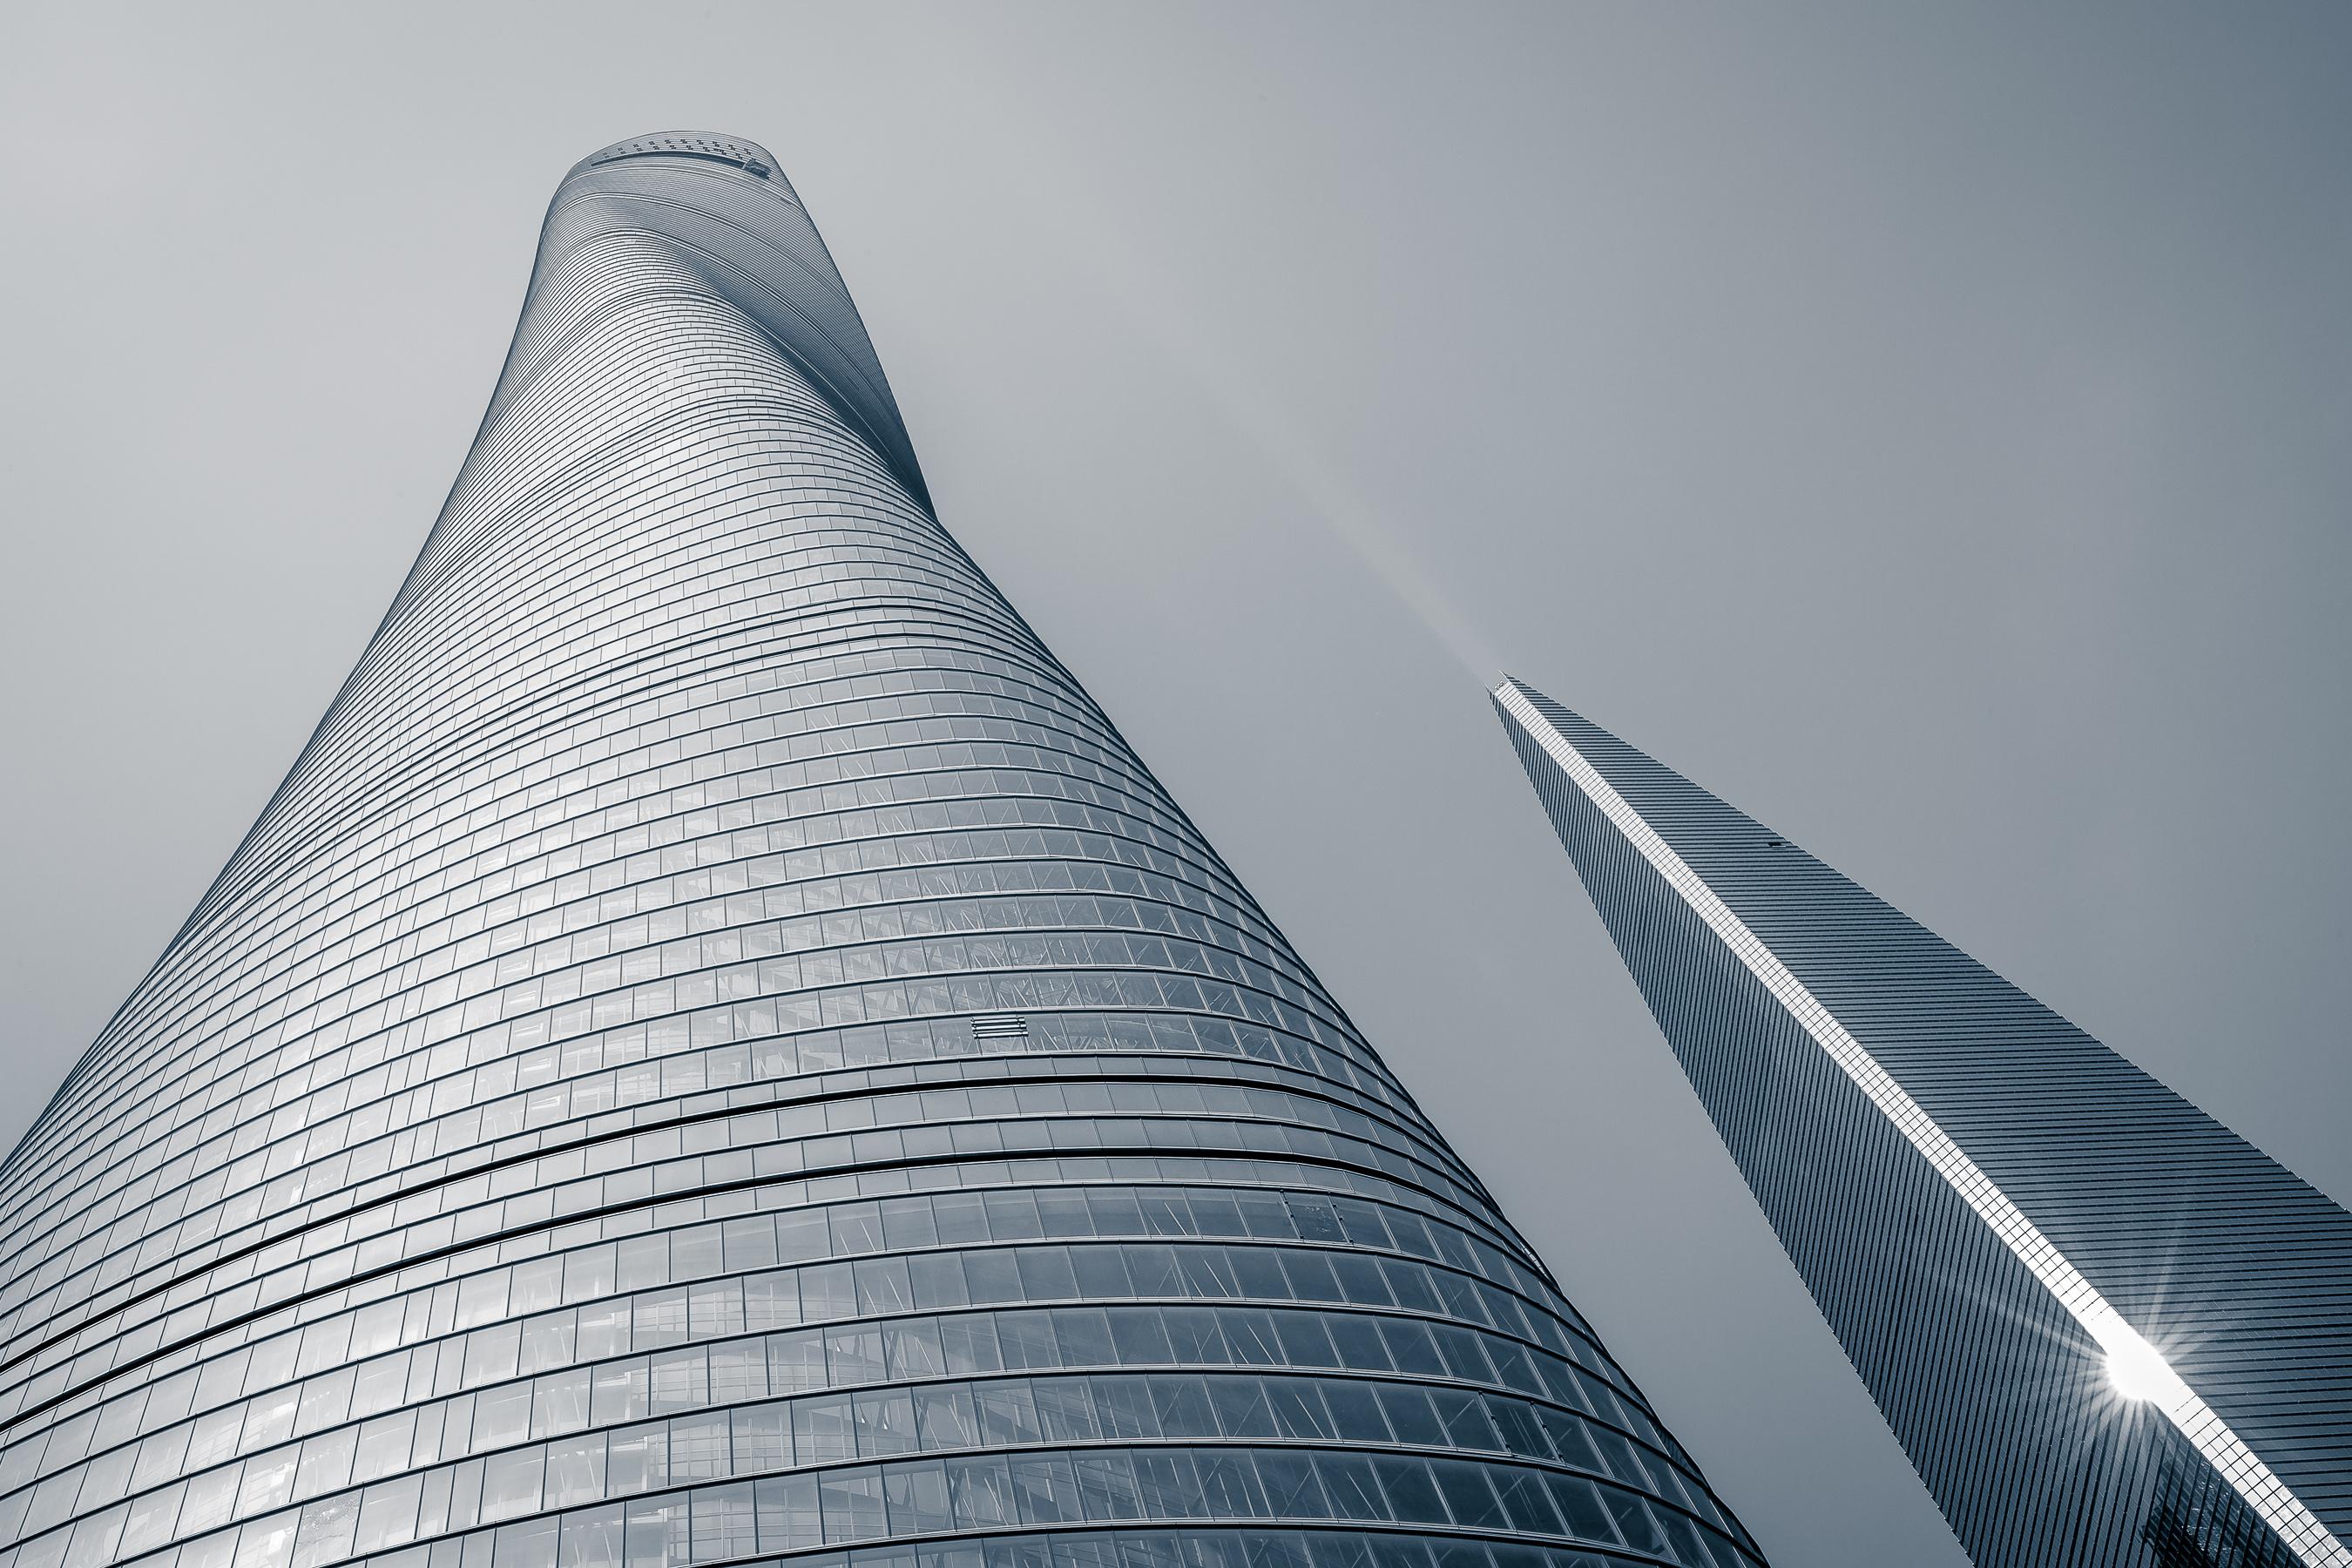 La construcción de la Shanghái Tower, foto a foto